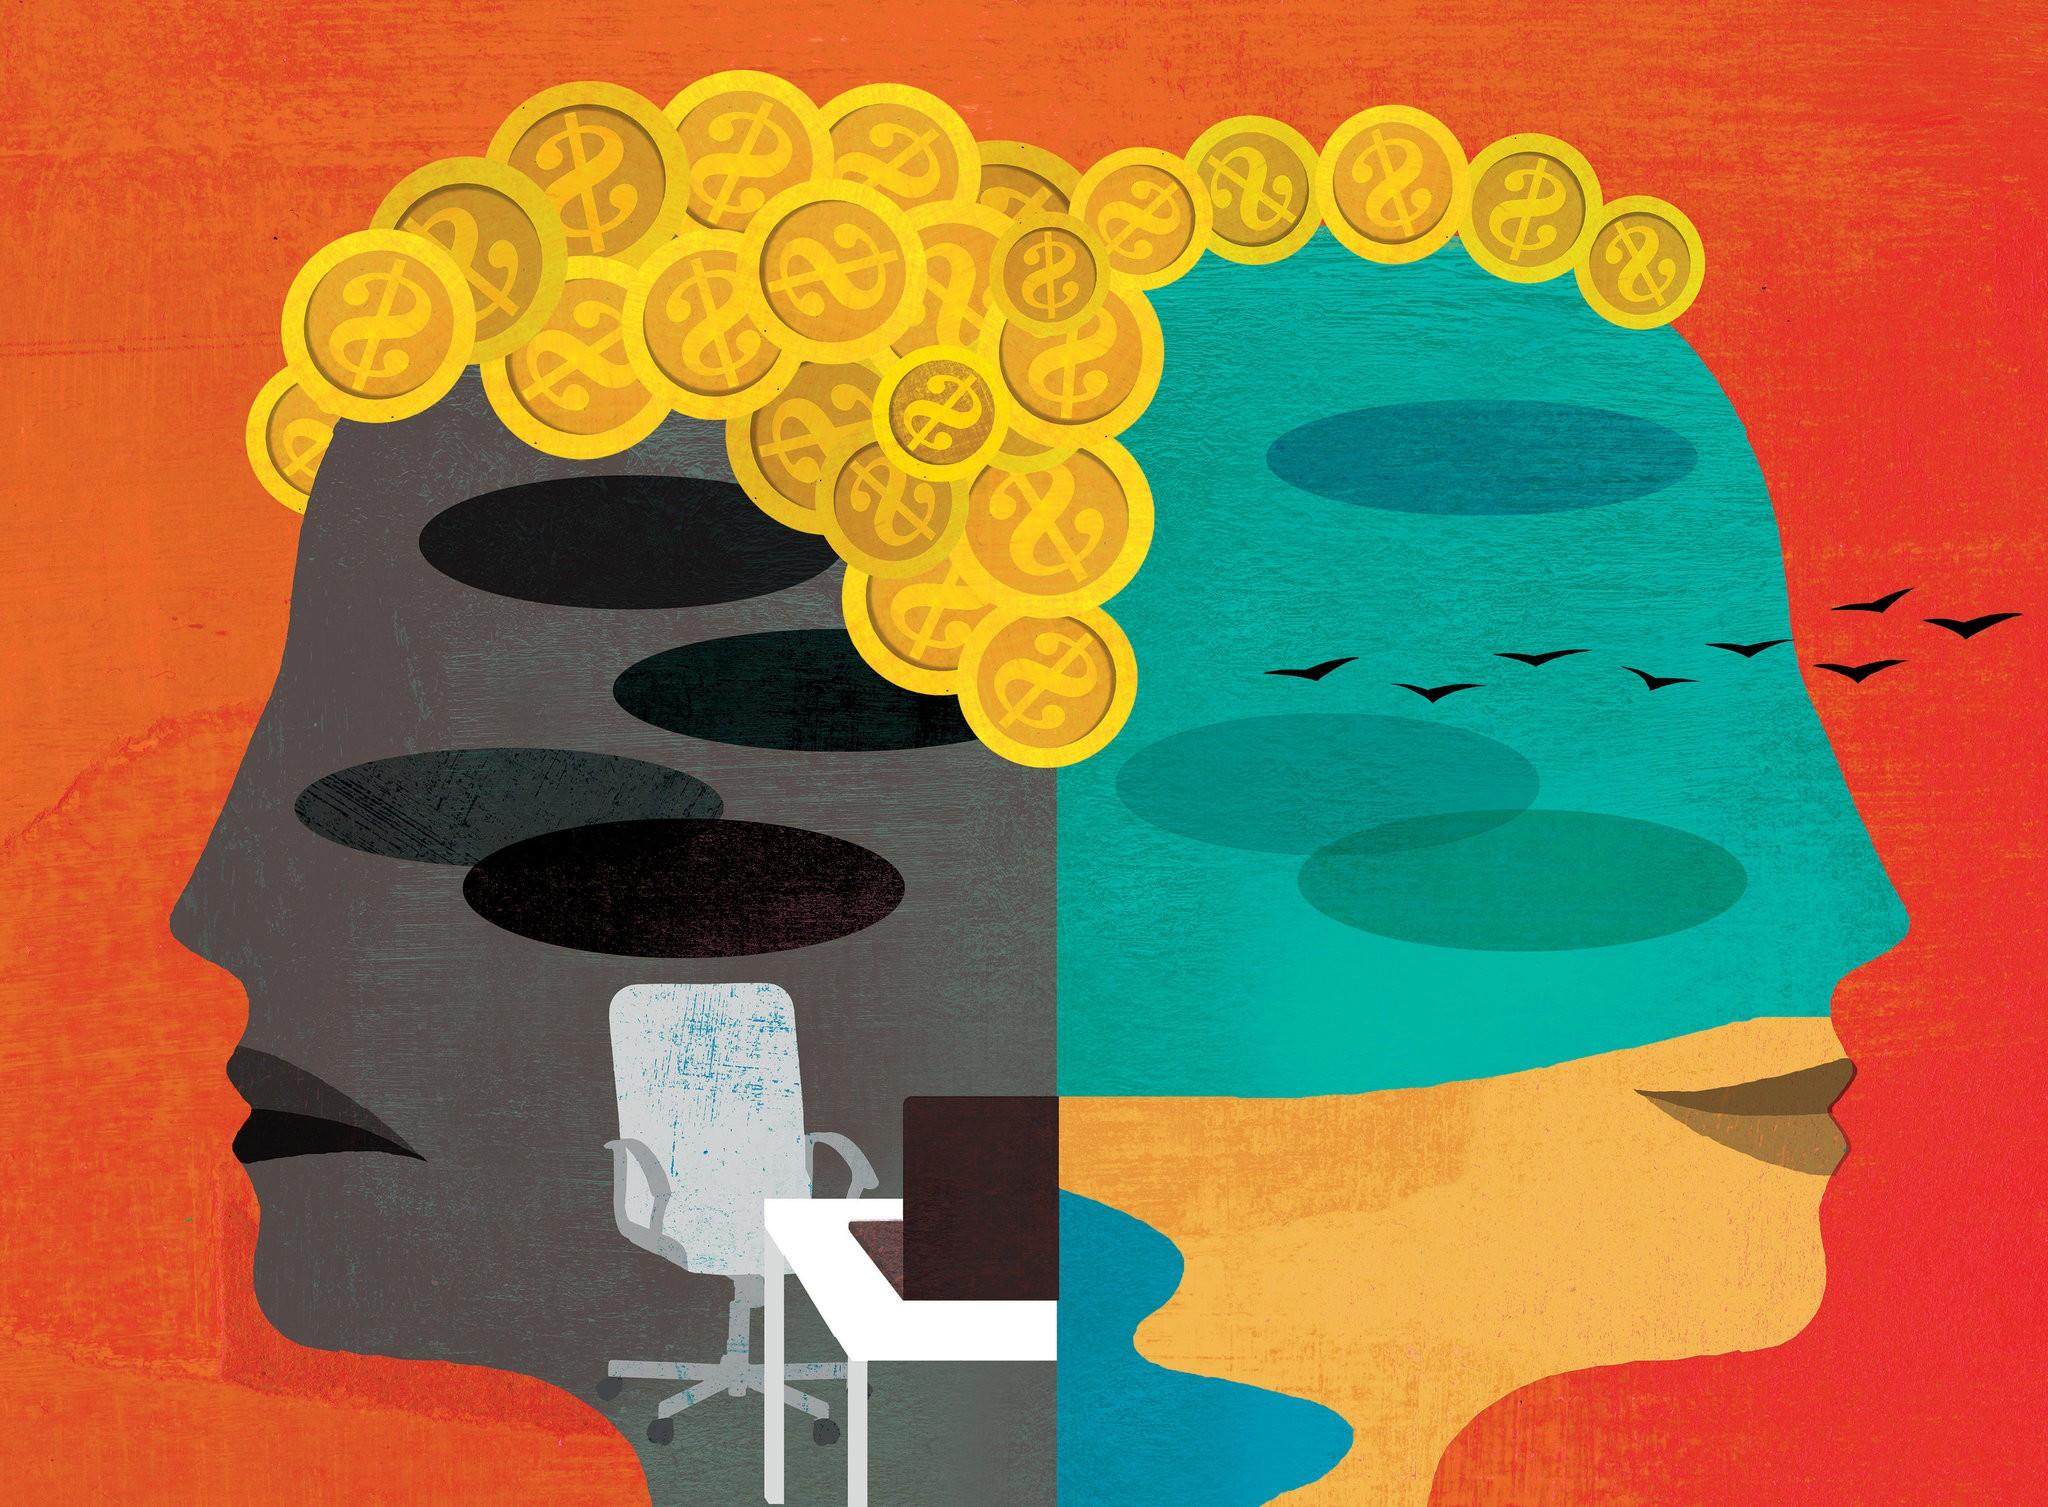 накрутка бонусов энергии и долларов